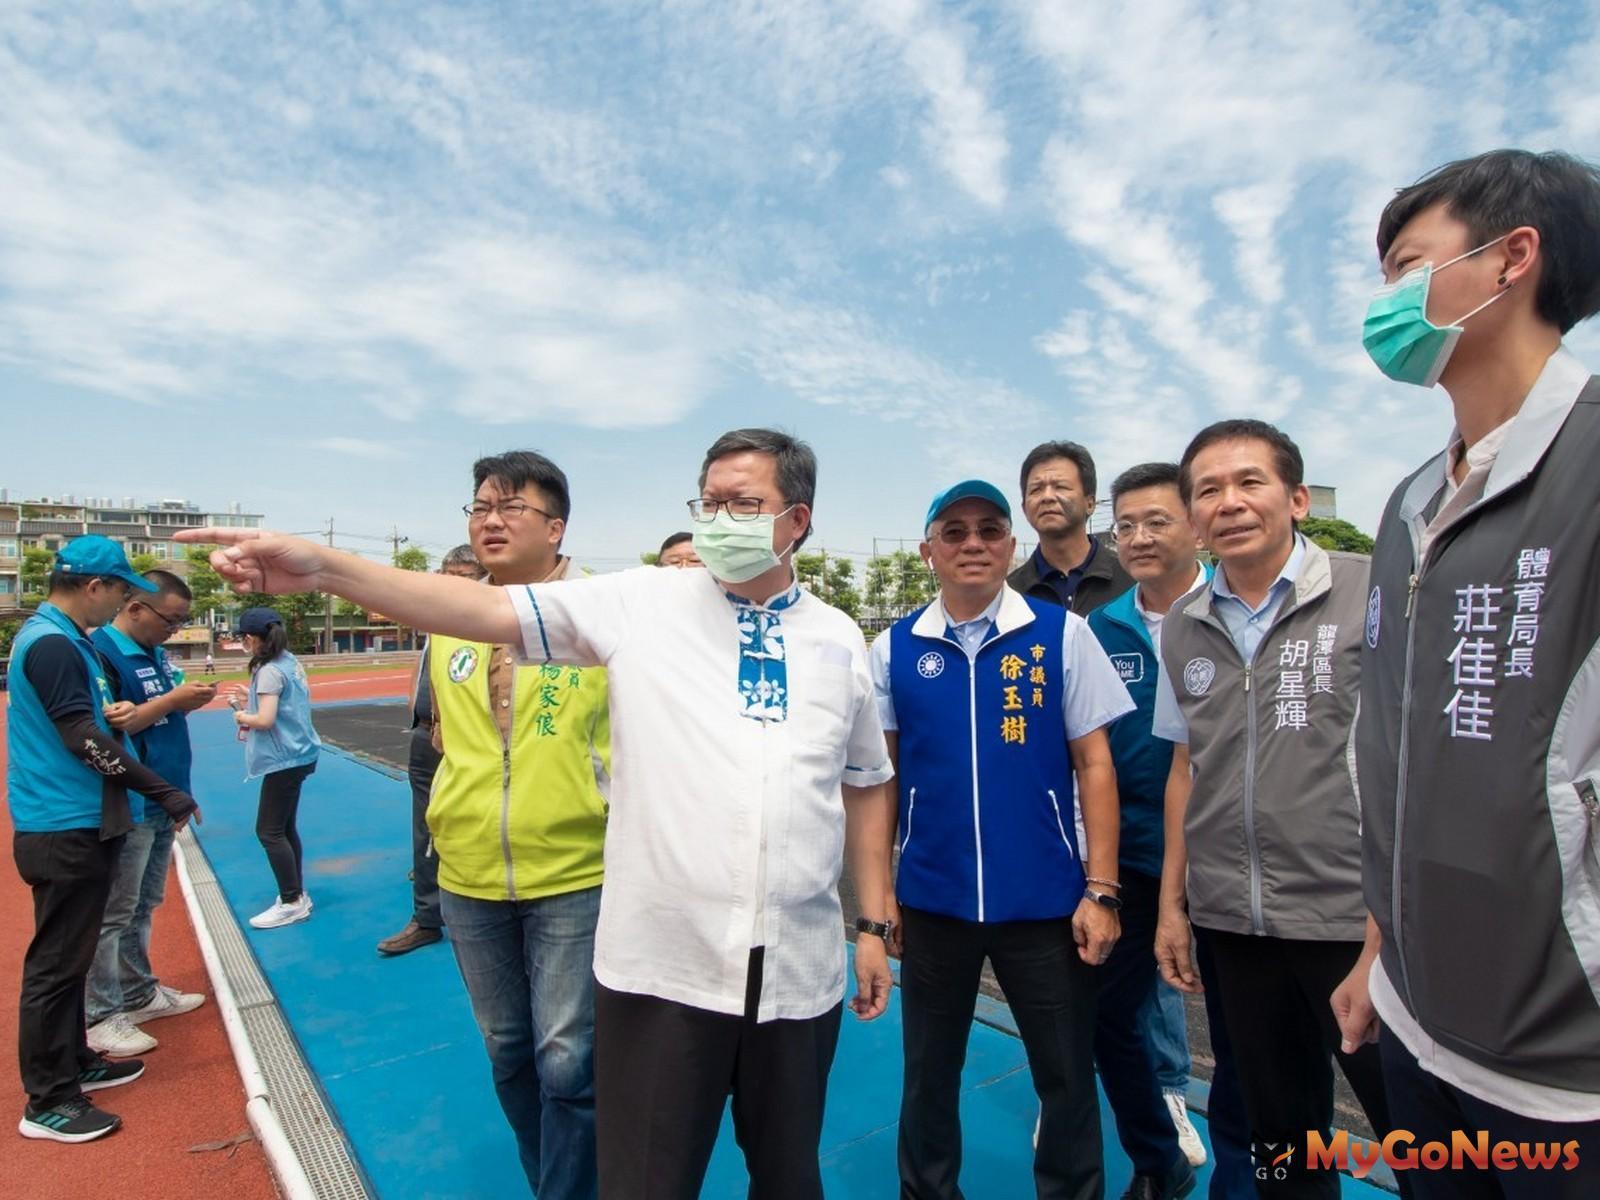 龍潭運動公園設施改善2021年底完工,提供更舒適的運動空間(圖:桃園市政府) MyGoNews房地產新聞 區域情報